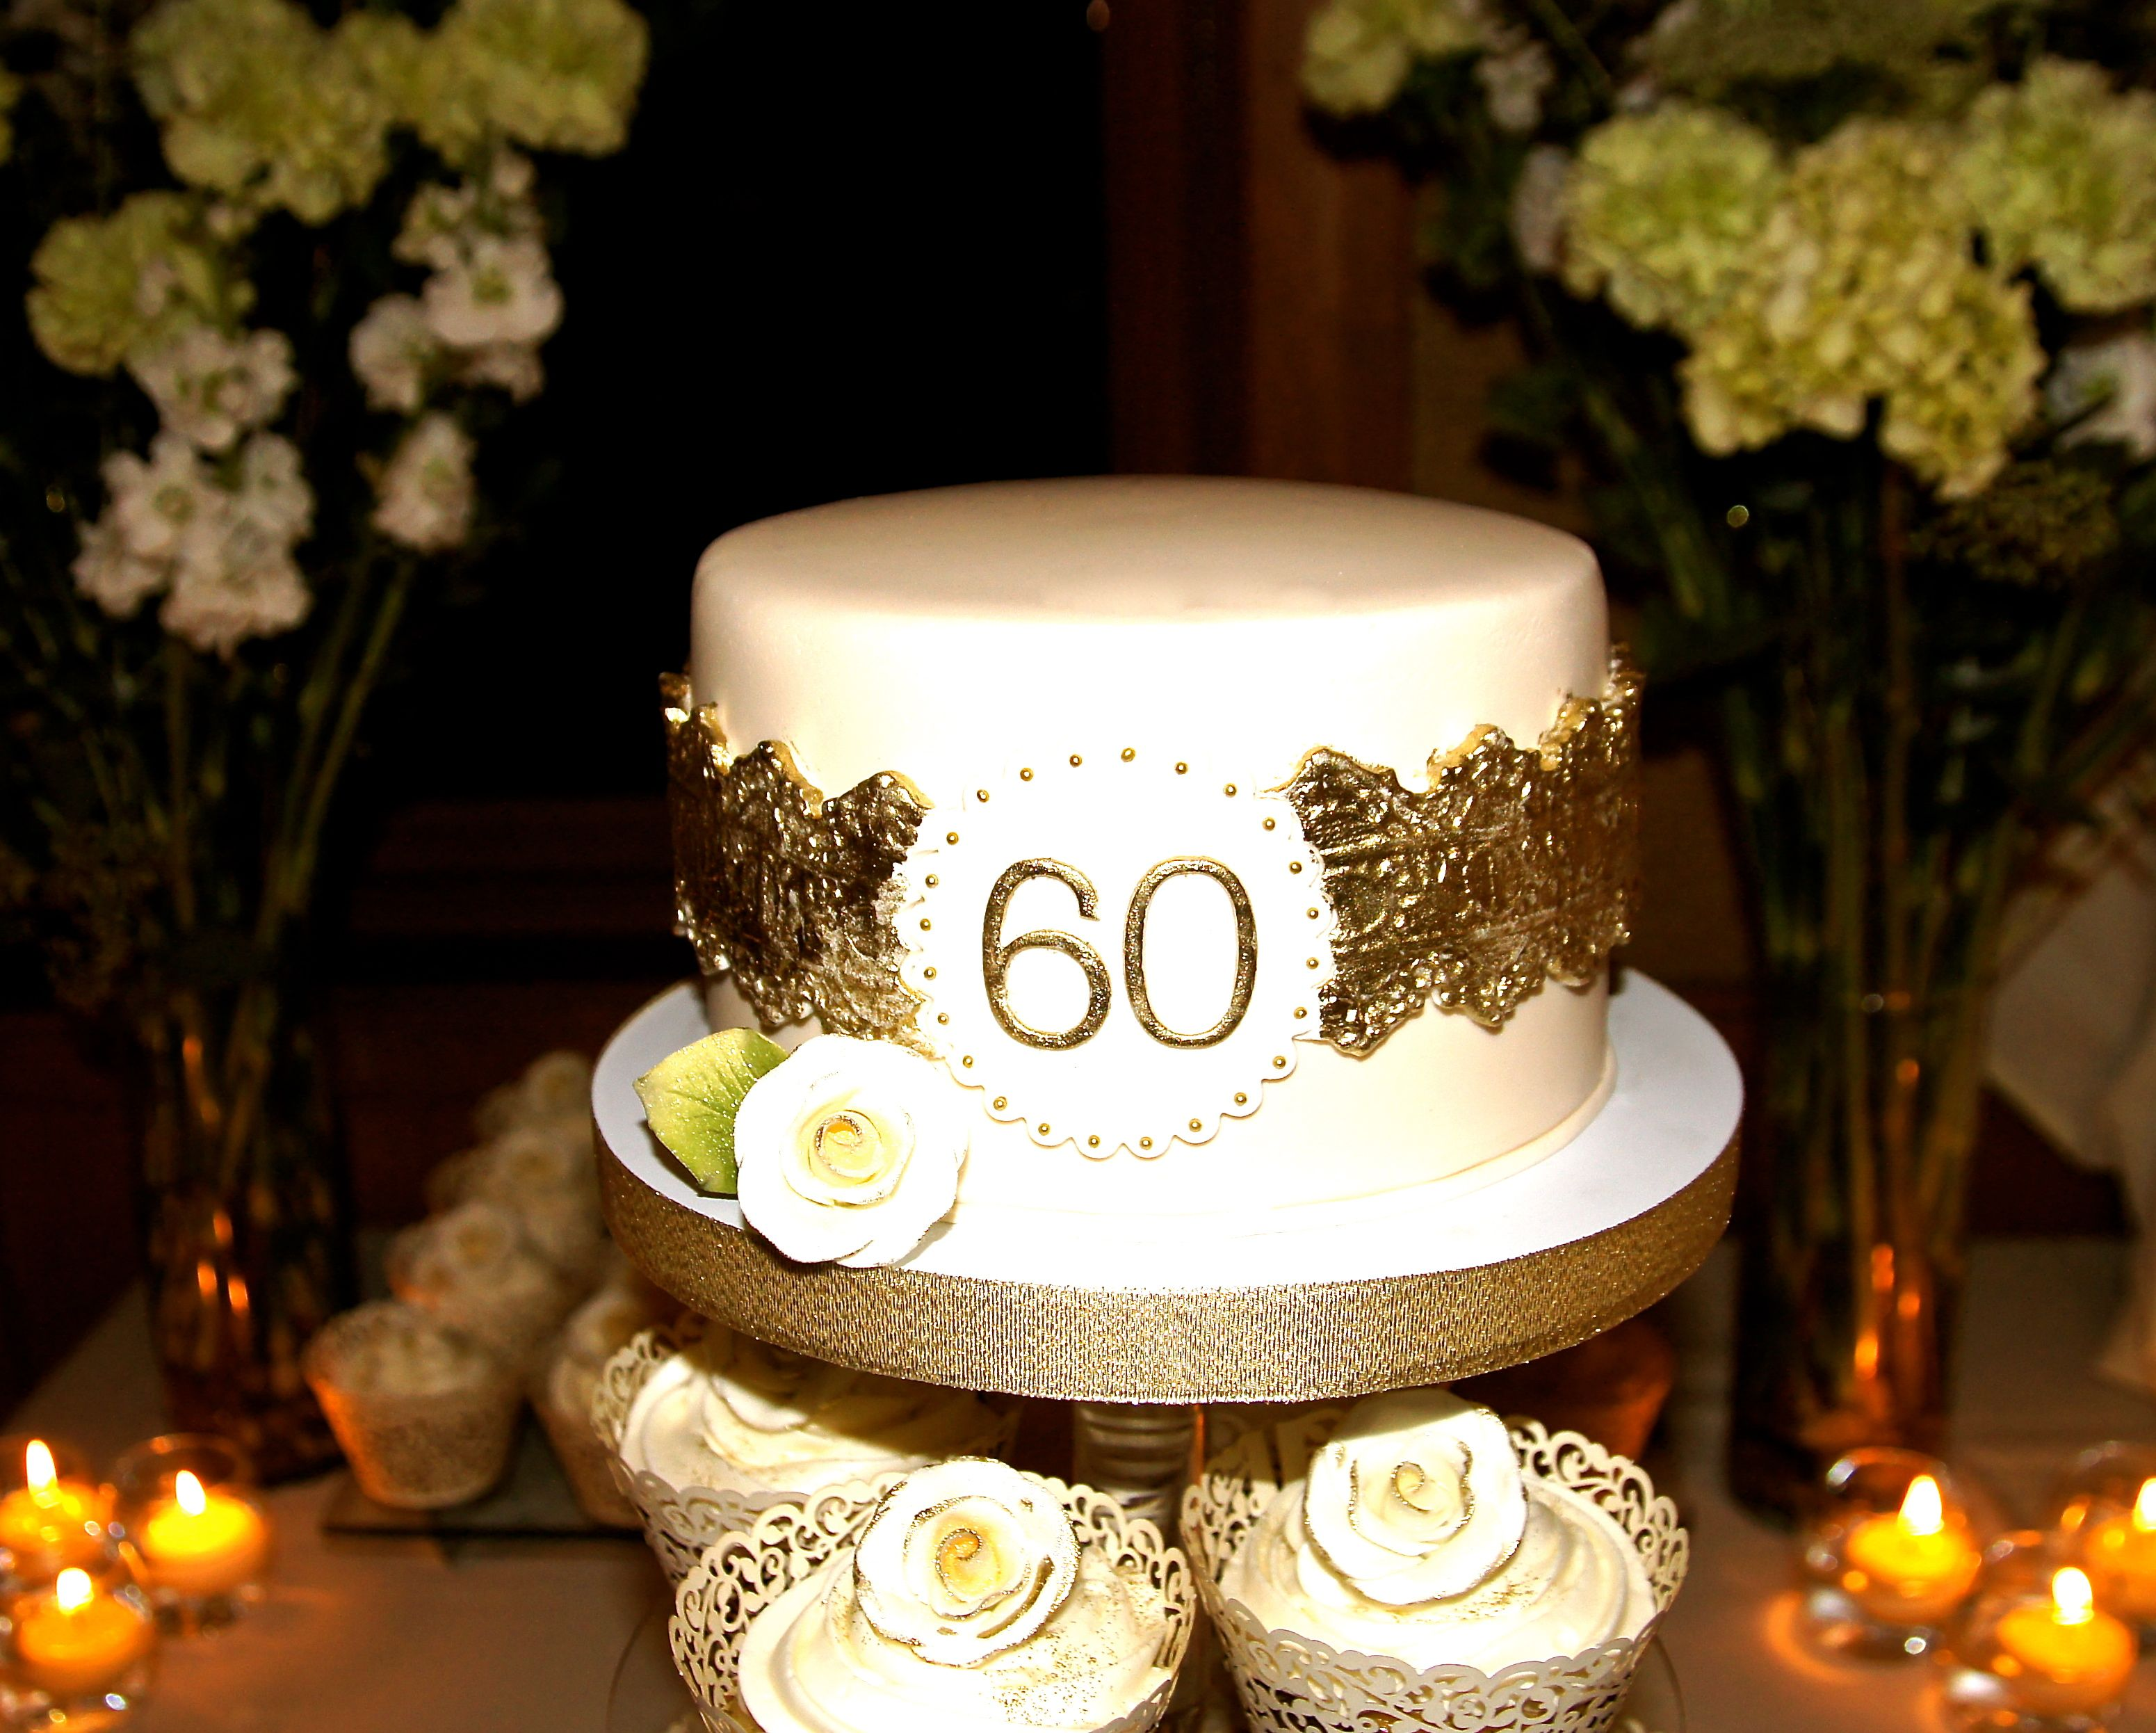 Birthday Cake Design 60 Years Old : 60 Years Birthday Cake Cake Pinterest